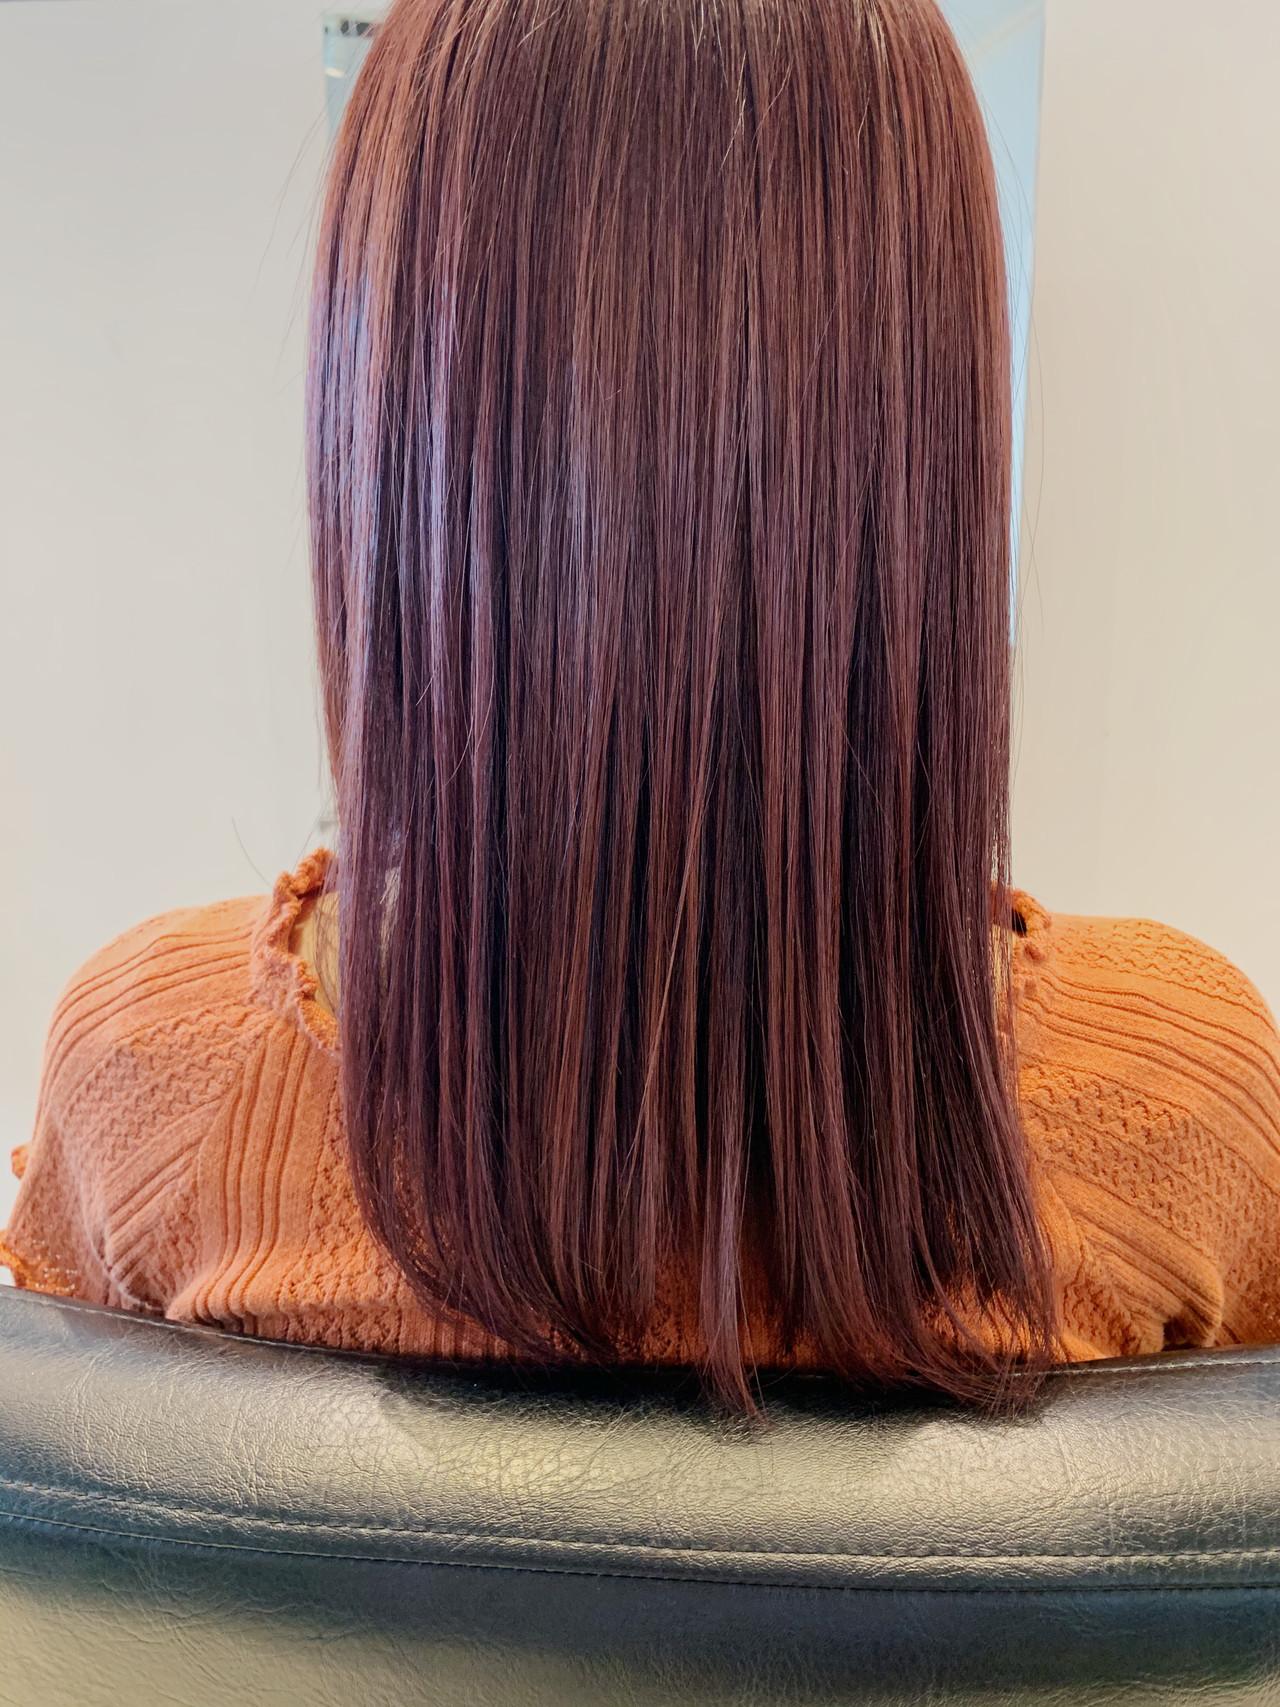 ガーリー ラズベリーピンク セミロング ベリーピンクヘアスタイルや髪型の写真・画像